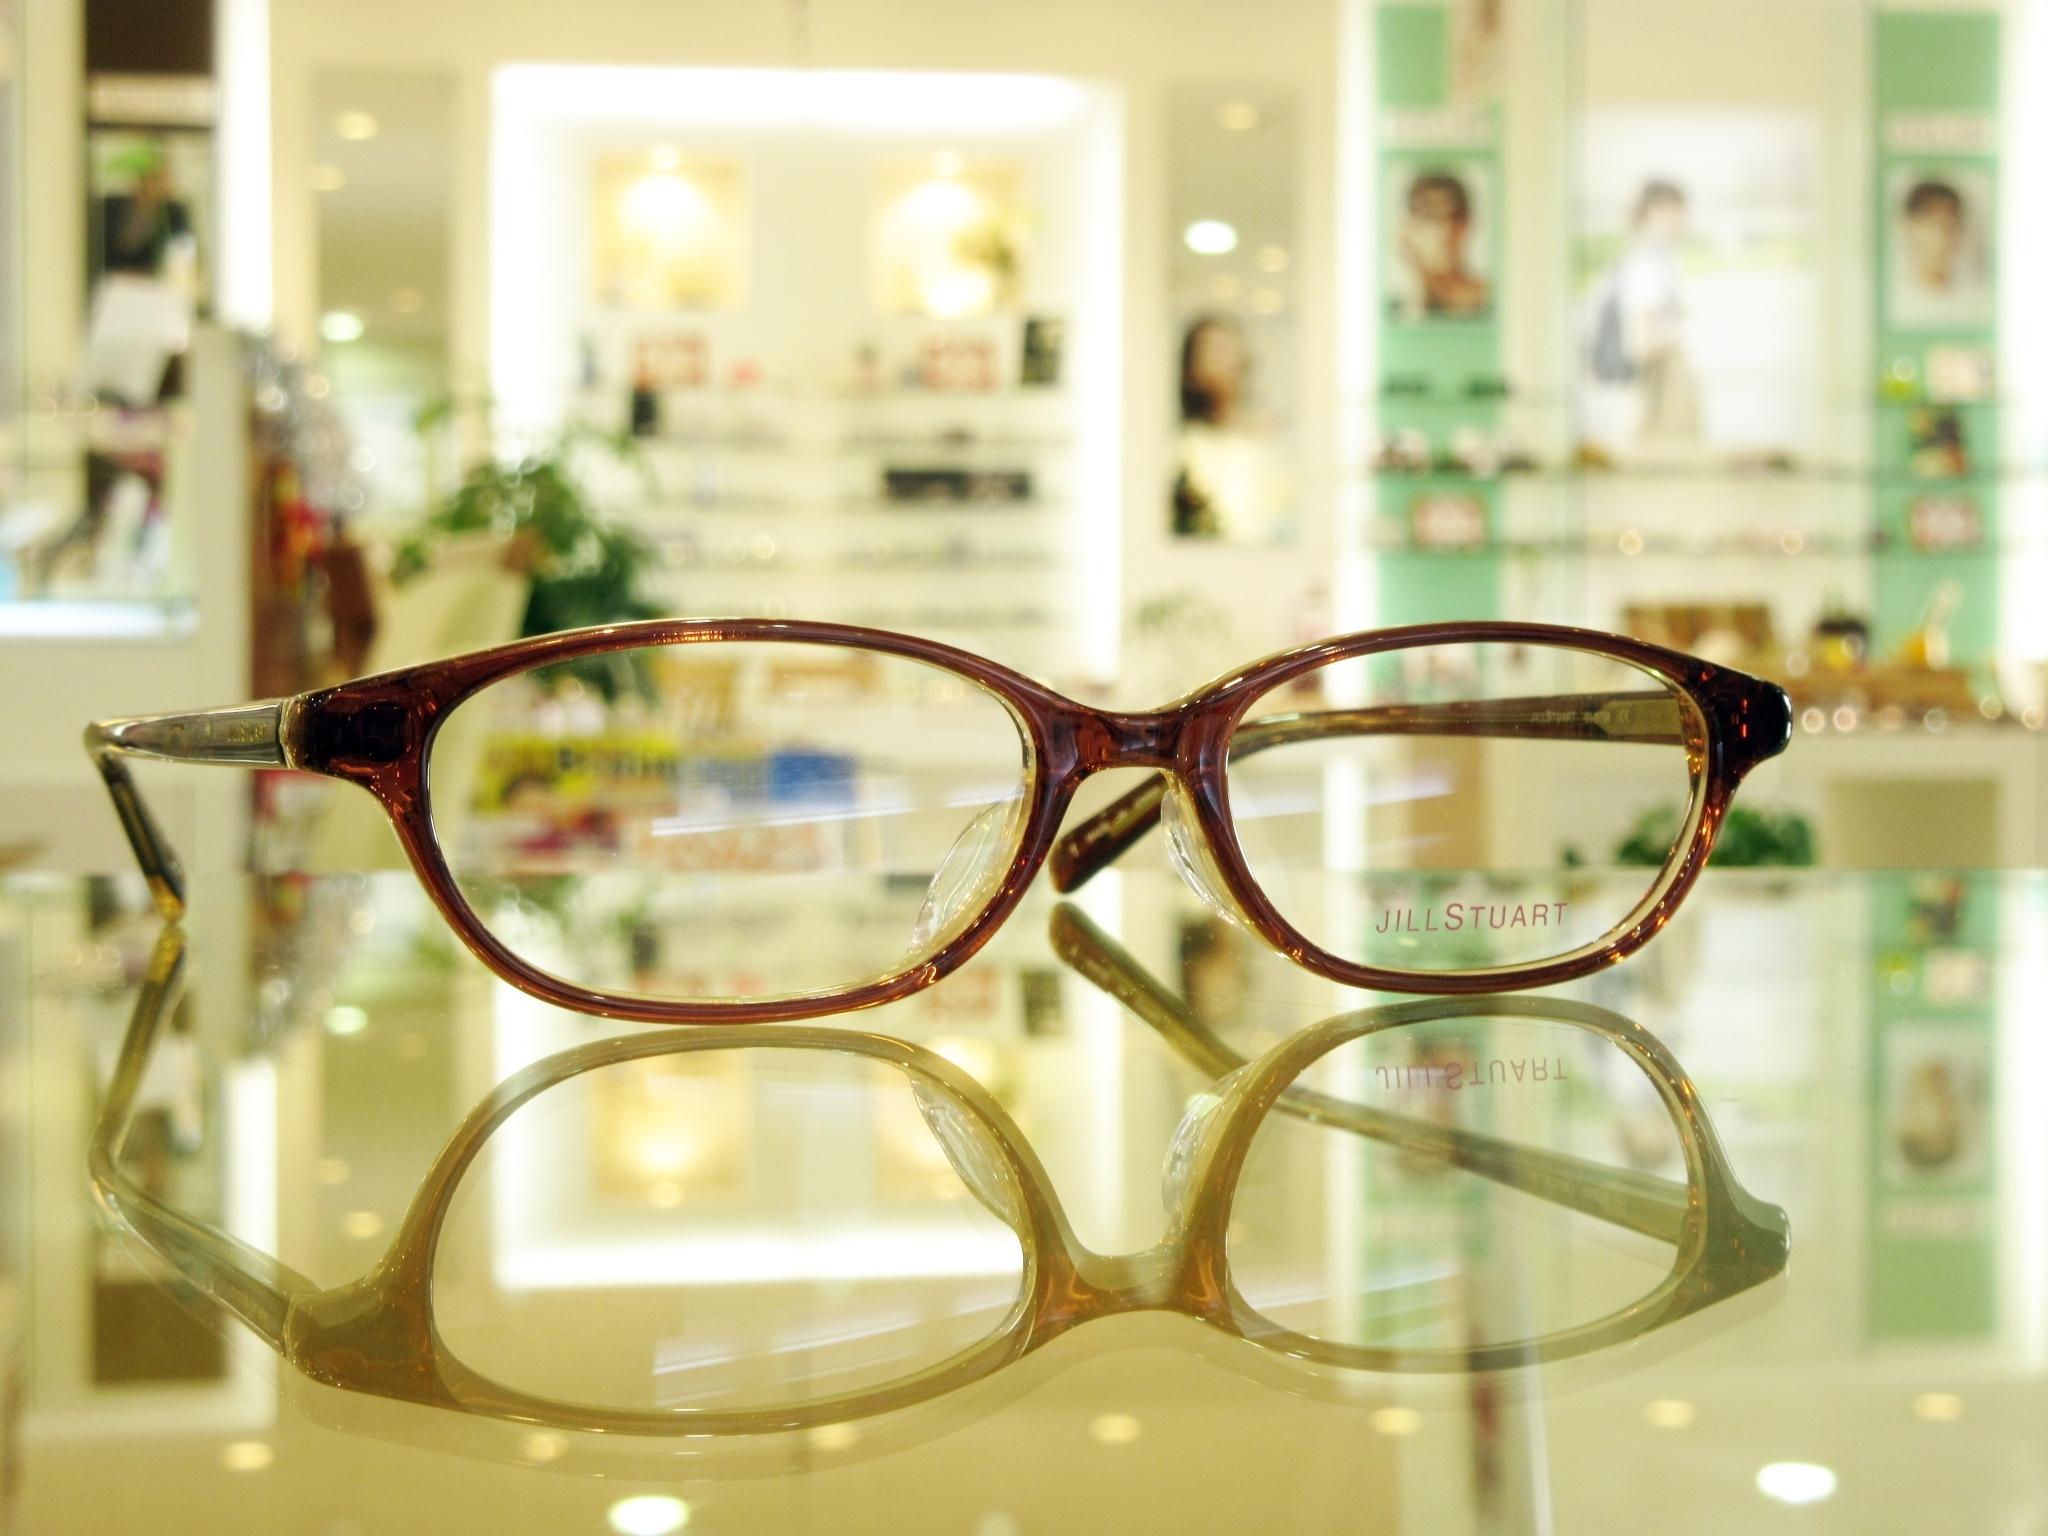 東京 都内 江戸川区 船堀 子供メガネ メガネ作り体験 かわいい ジルスチュアート